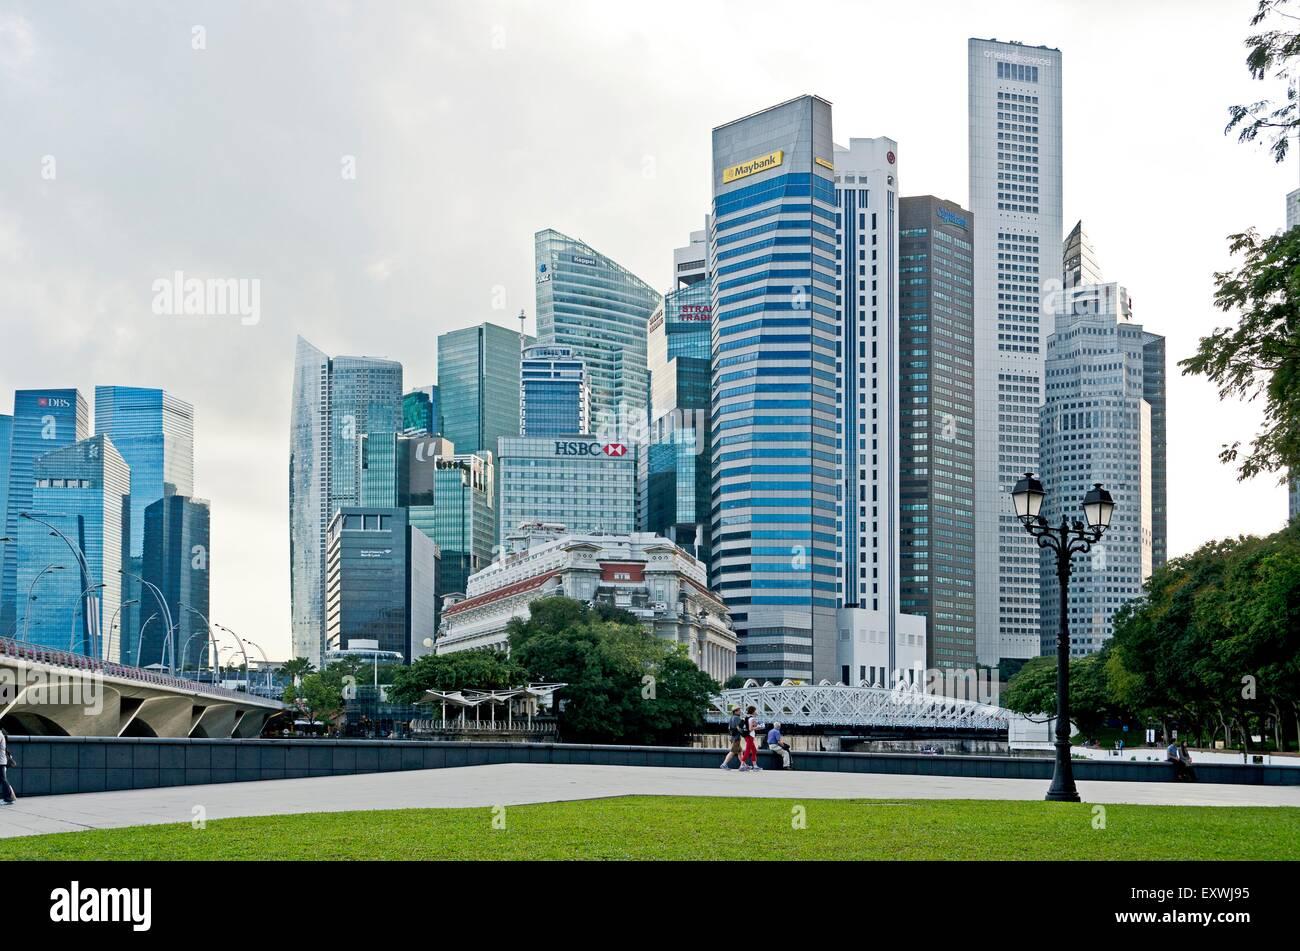 Skyline, Singapur City, Singapur, Asia - Stock Image